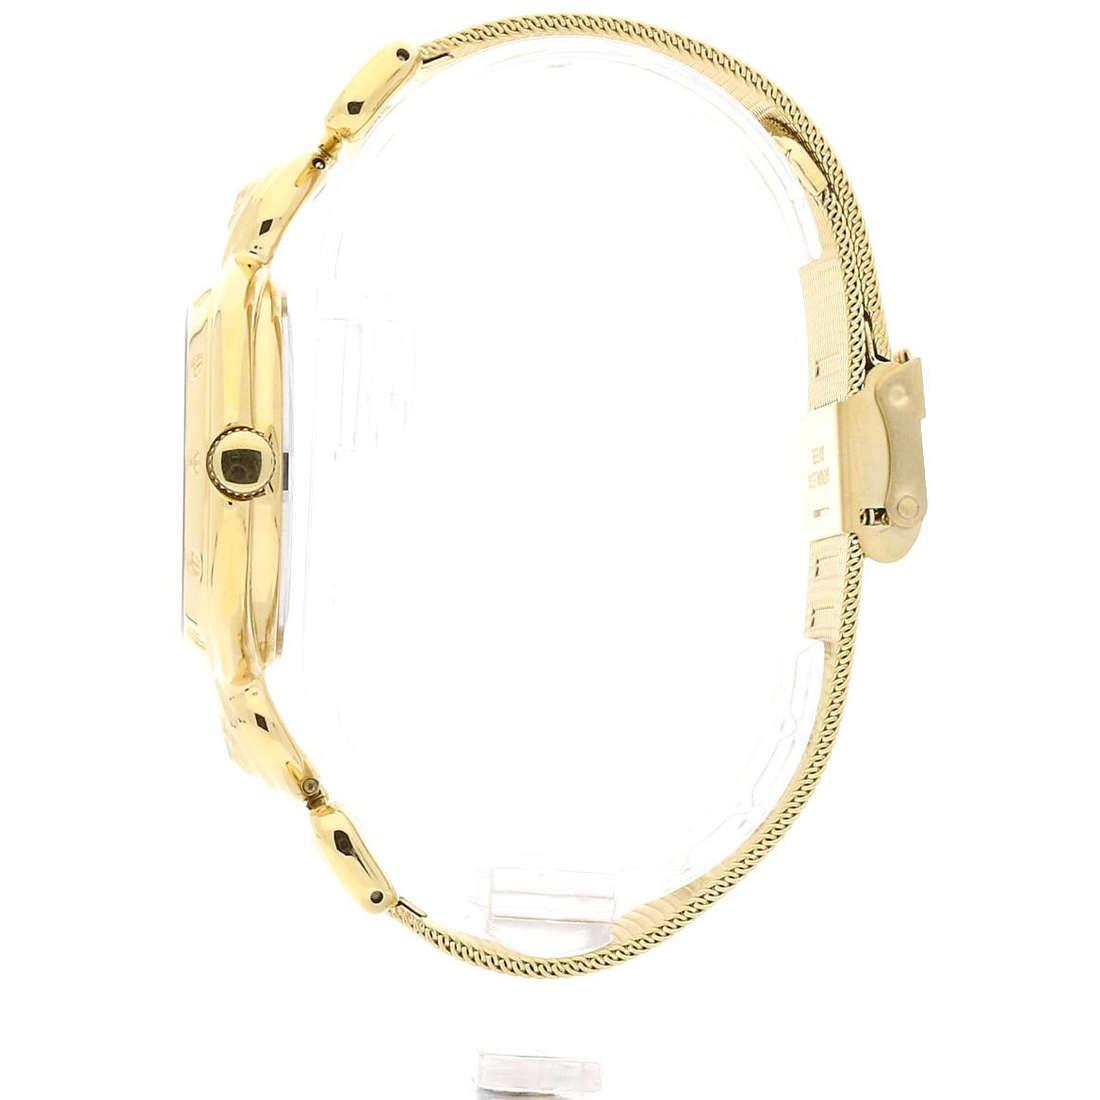 prix montres femme Versus SOL090016